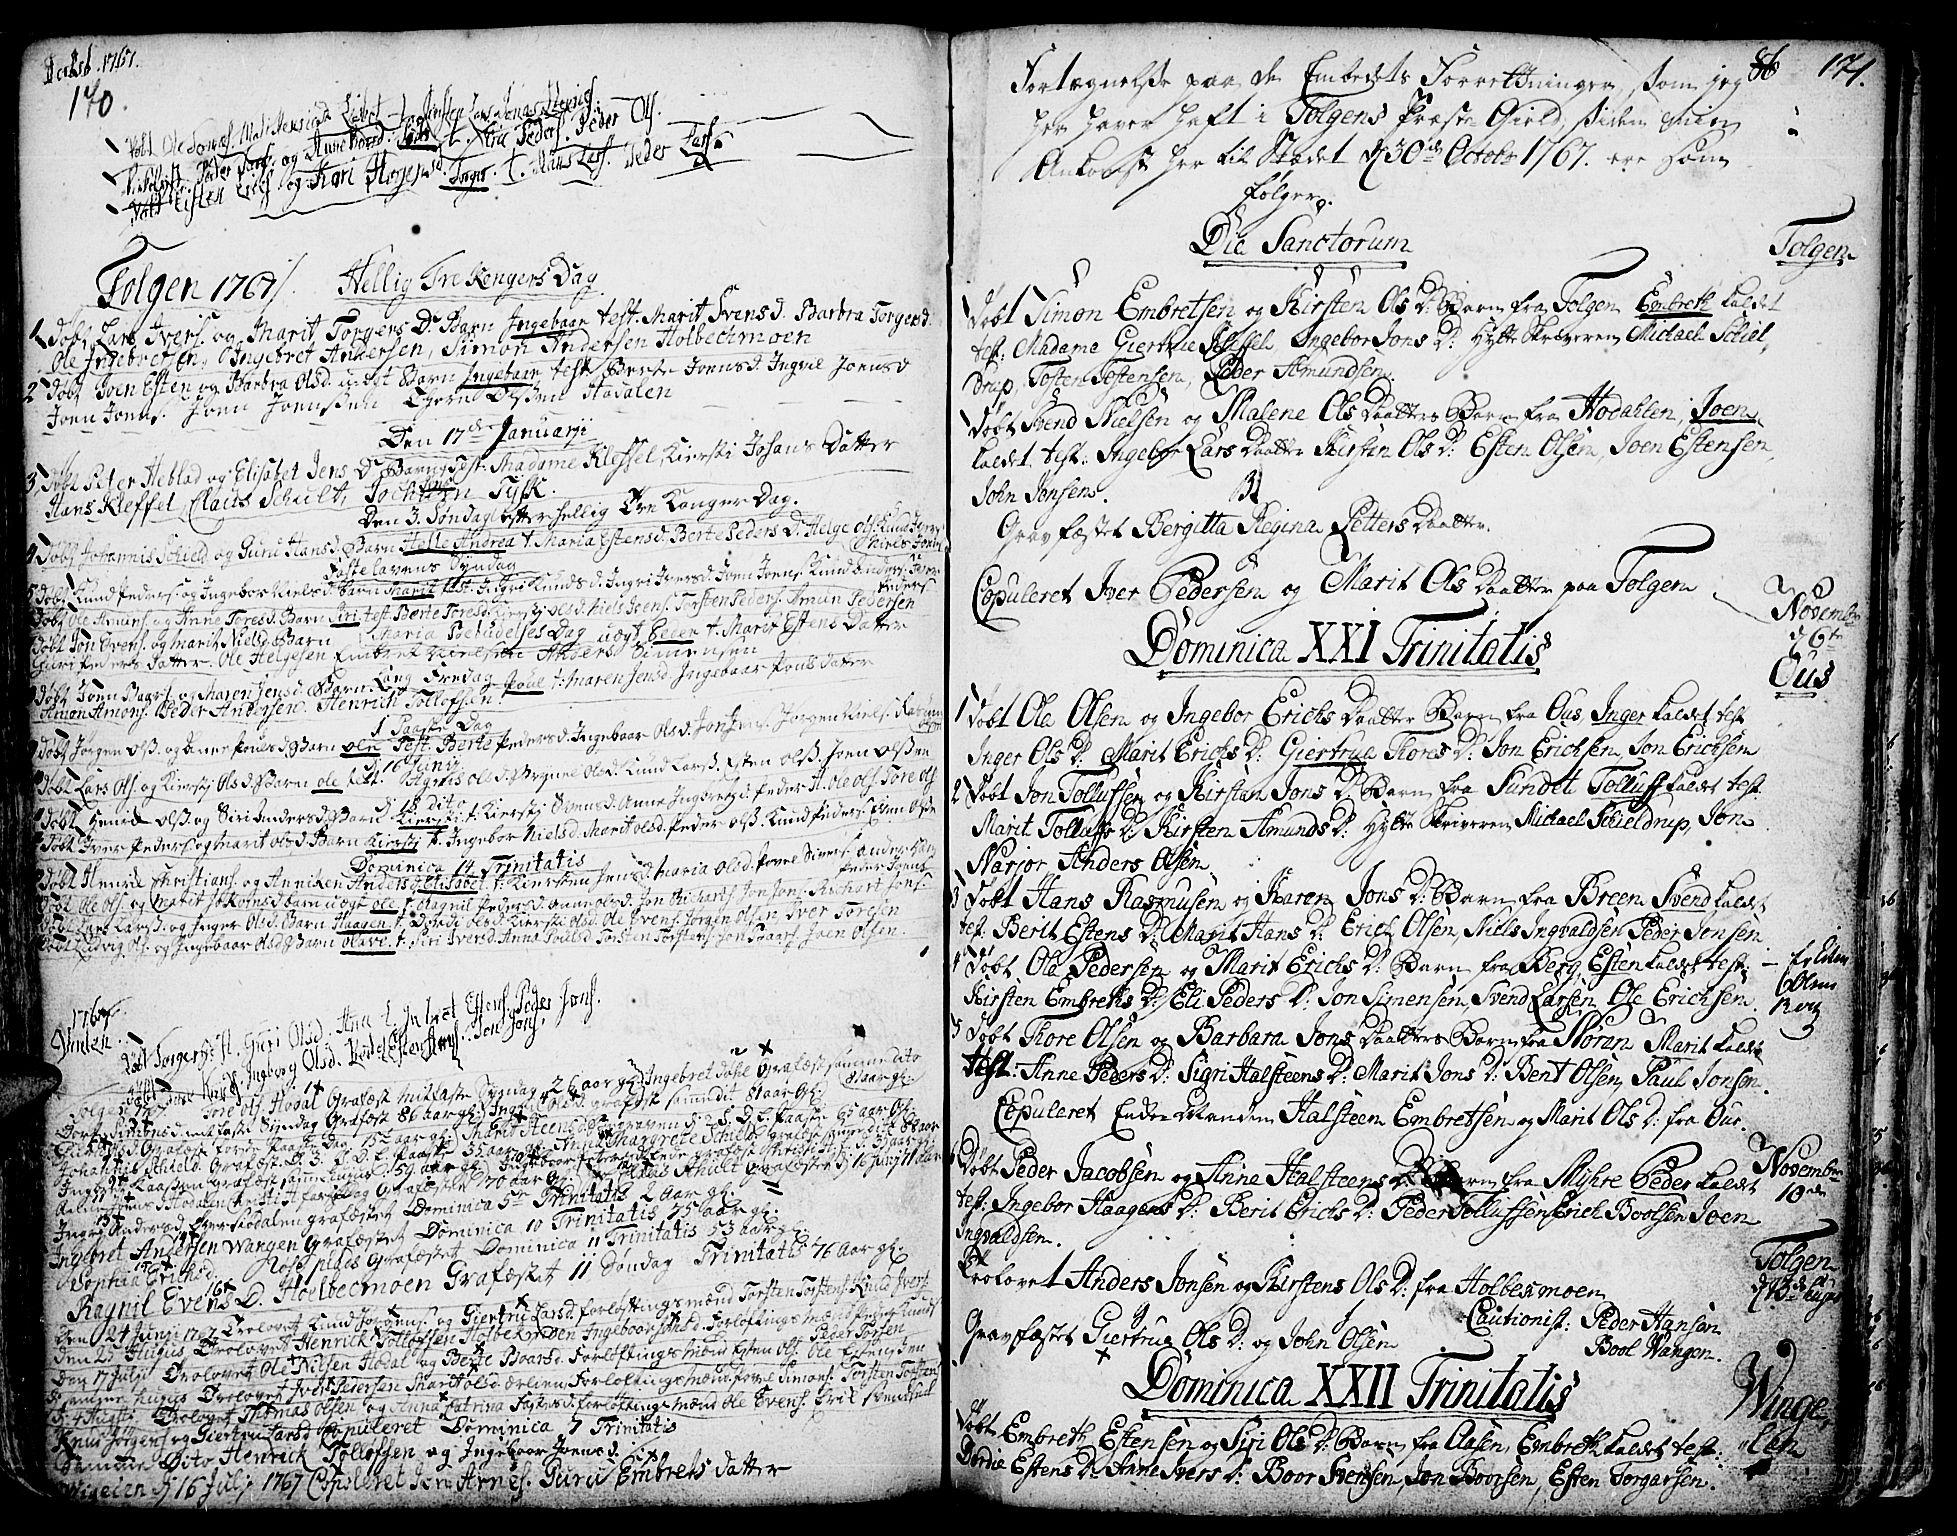 SAH, Tolga prestekontor, K/L0001: Ministerialbok nr. 1, 1733-1767, s. 170-171